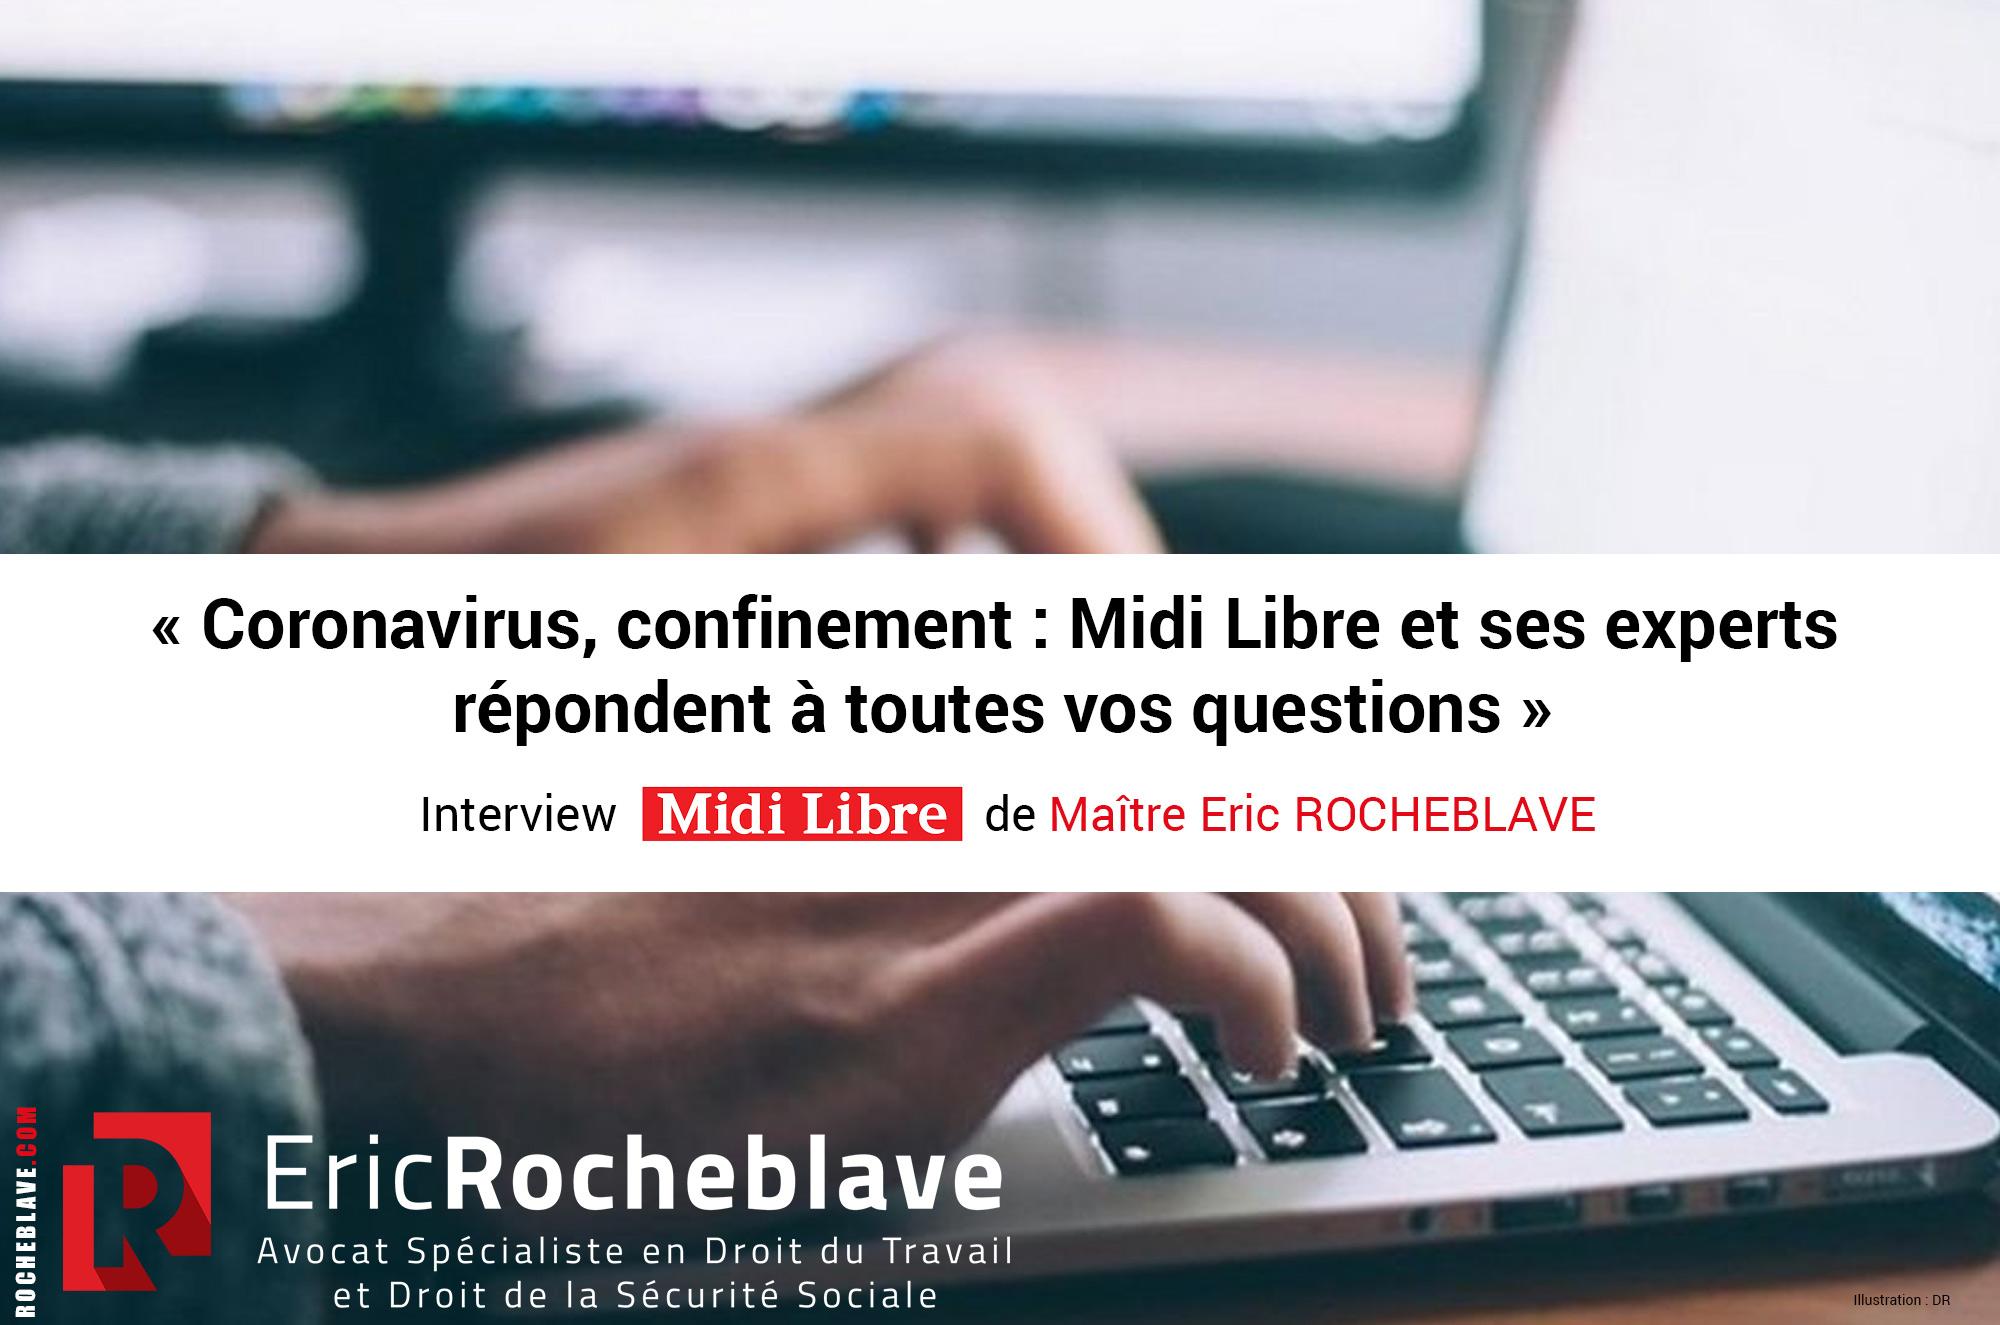 « Coronavirus, confinement : Midi Libre et ses experts  répondent à toutes vos questions » Interview Midi Libre de Maître Eric ROCHEBLAVE